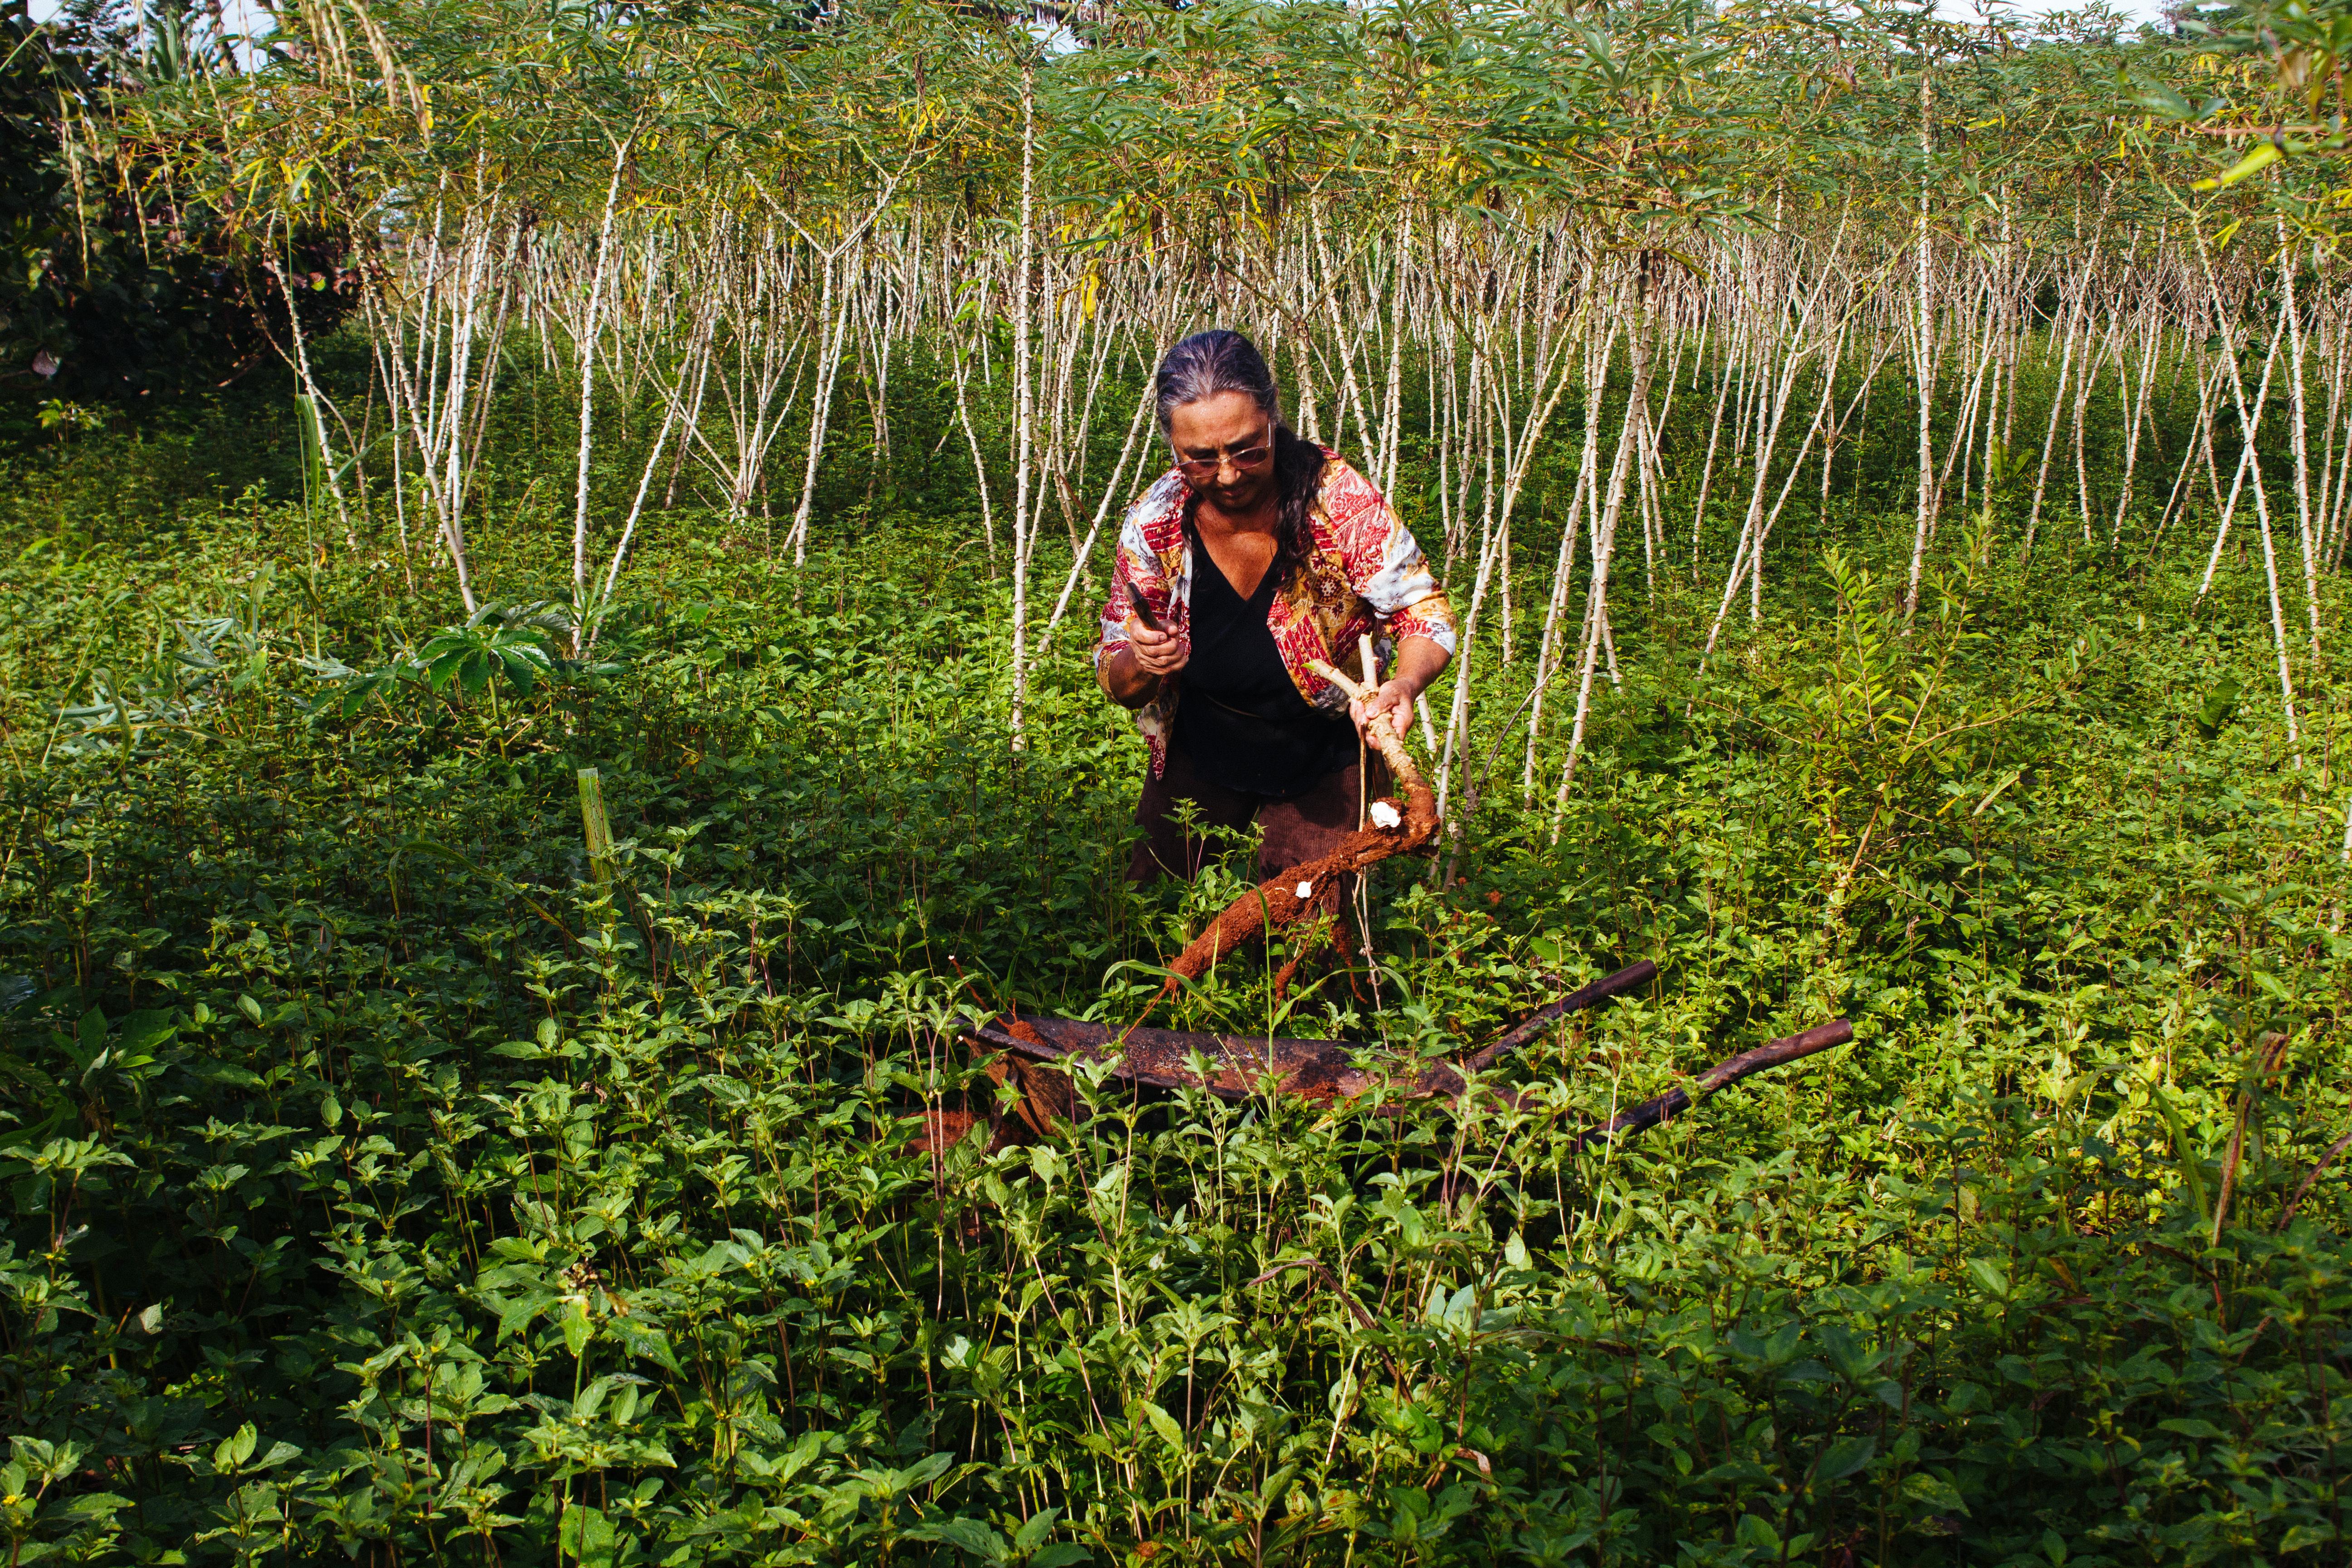 Imaflora inicia novos projetos de fortalecimento da agricultura familiar em São Félix do Xingu, no Pará